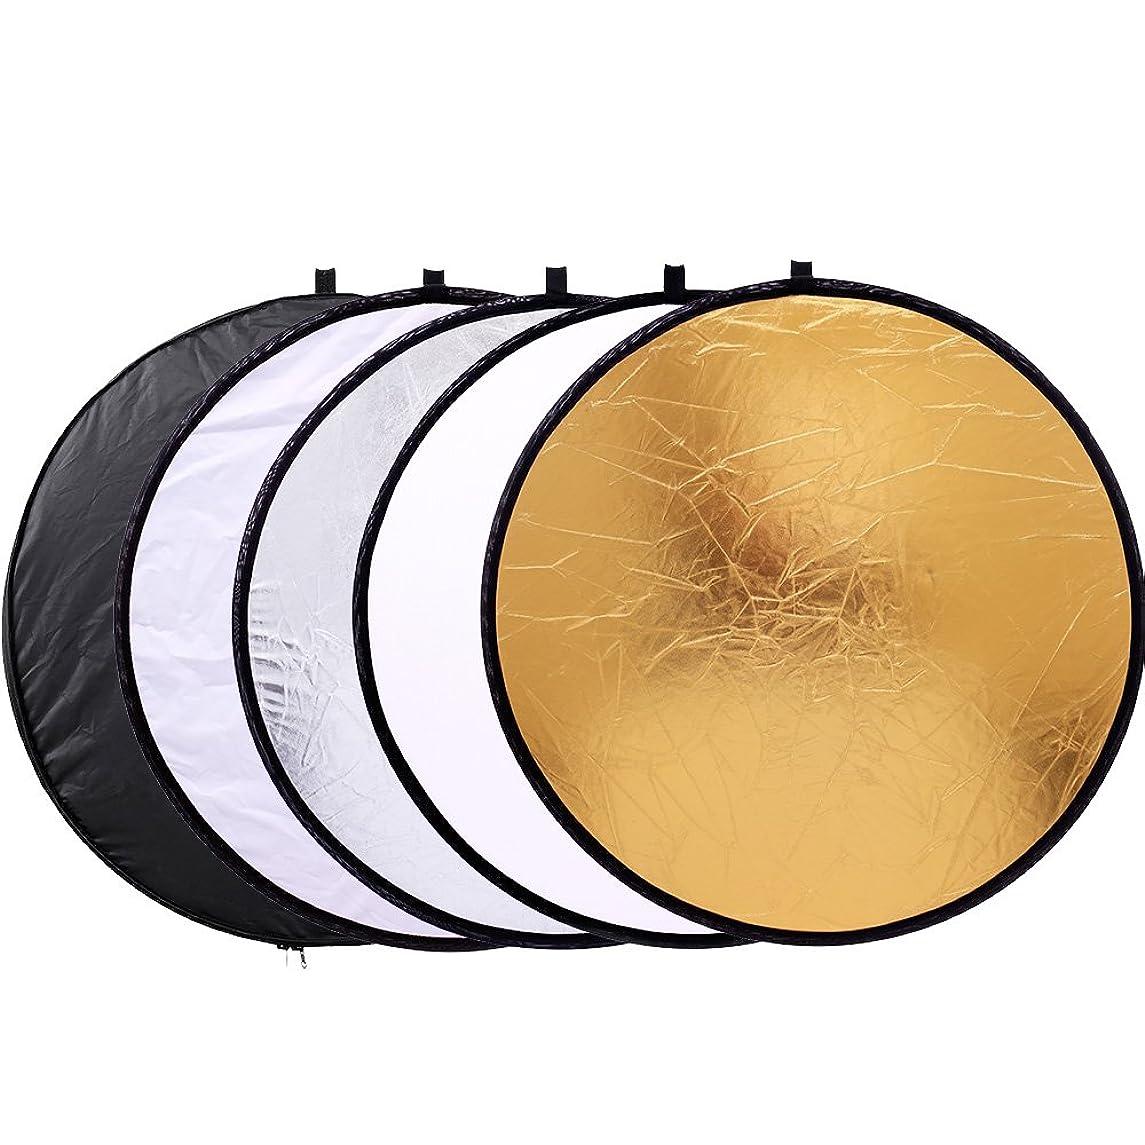 反射器面板12英寸 / 30?cm 5合1可折叠 multi-disc 浅反射器 with BAG?–?半透明金色银色黑色和白色